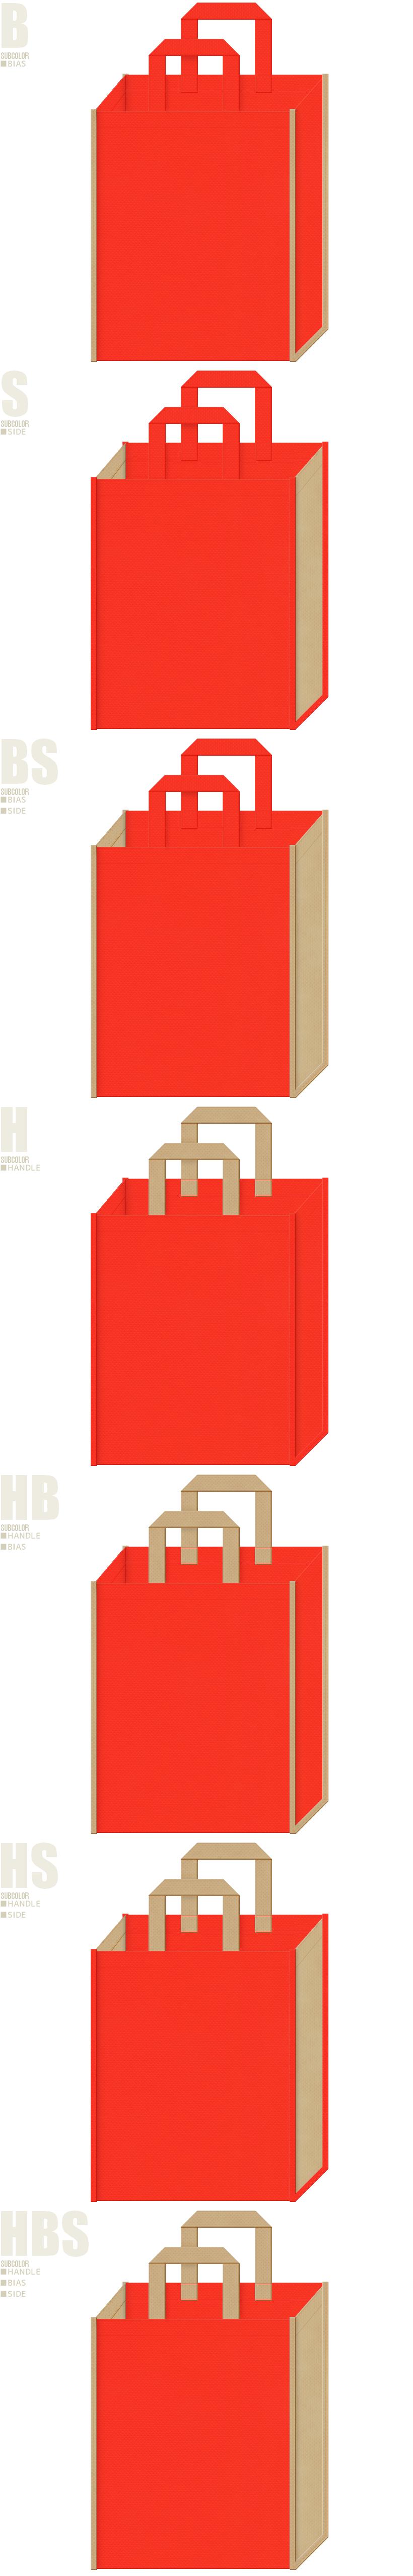 キッチン・レシピ・お料理教室・ランチバッグにお奨めの不織布バッグデザイン:オレンジ色とカーキ色の配色7パターン